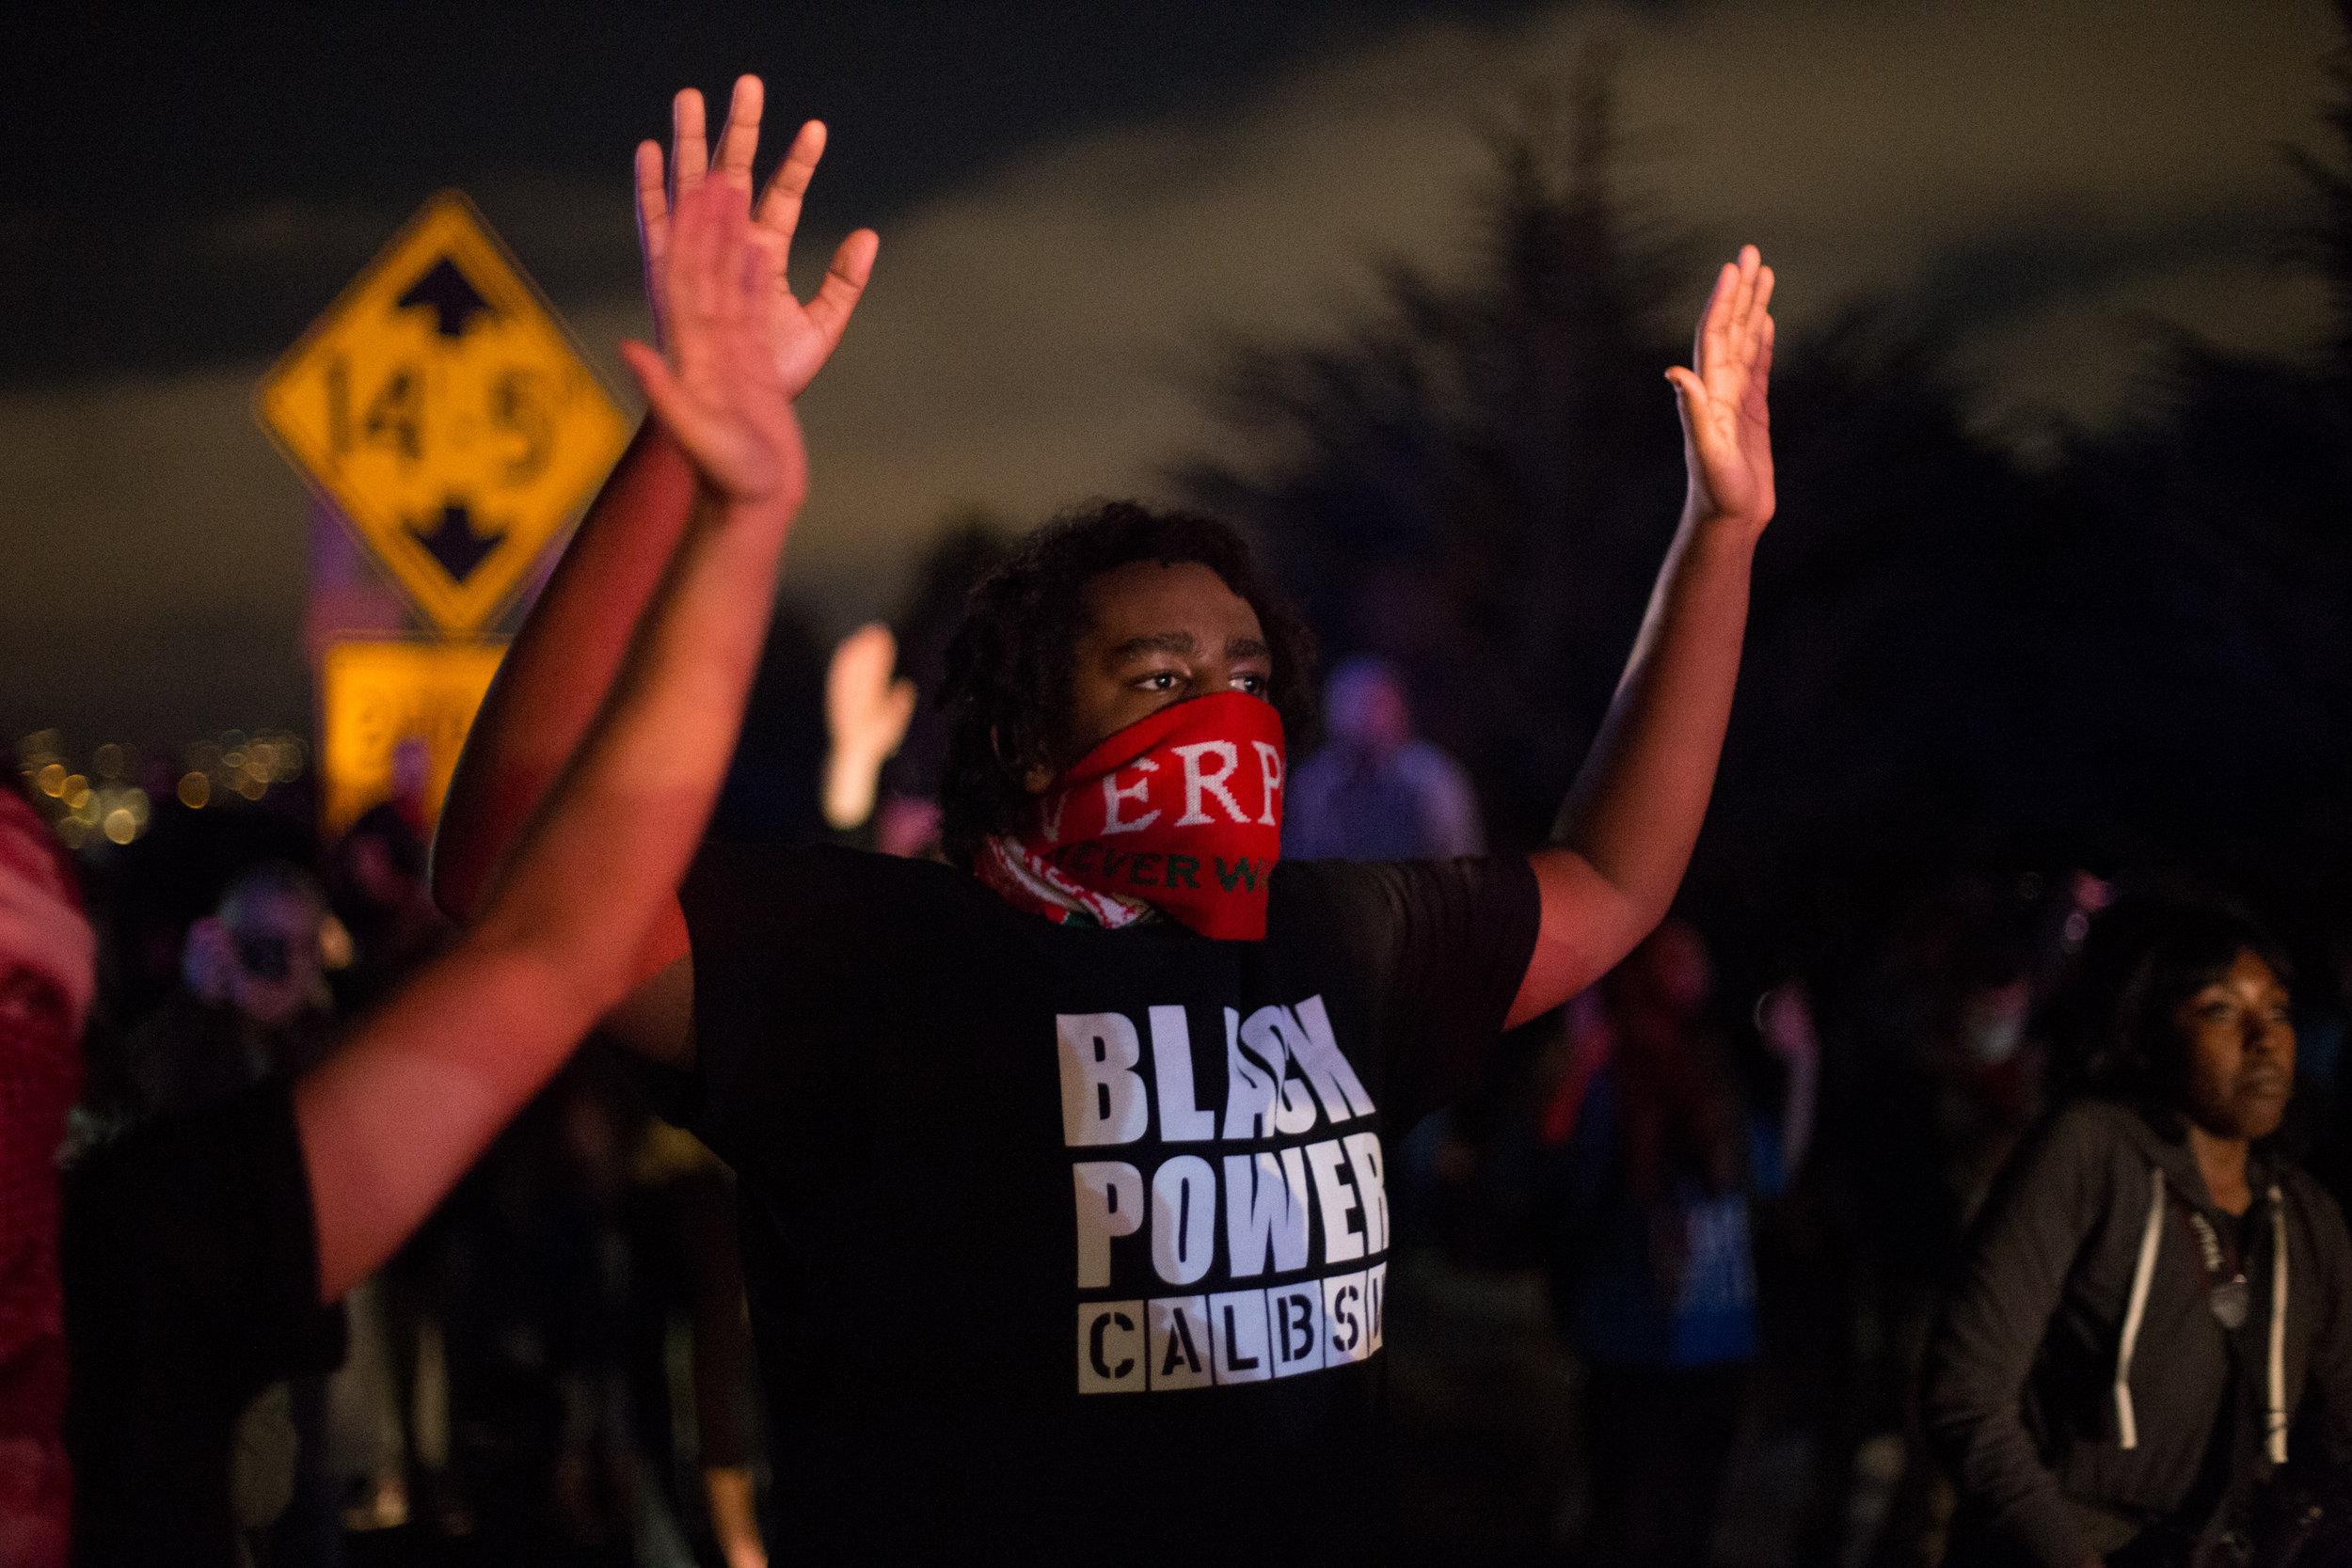 Black Lives Matter protest on I-580. Berkeley, CA December 2014